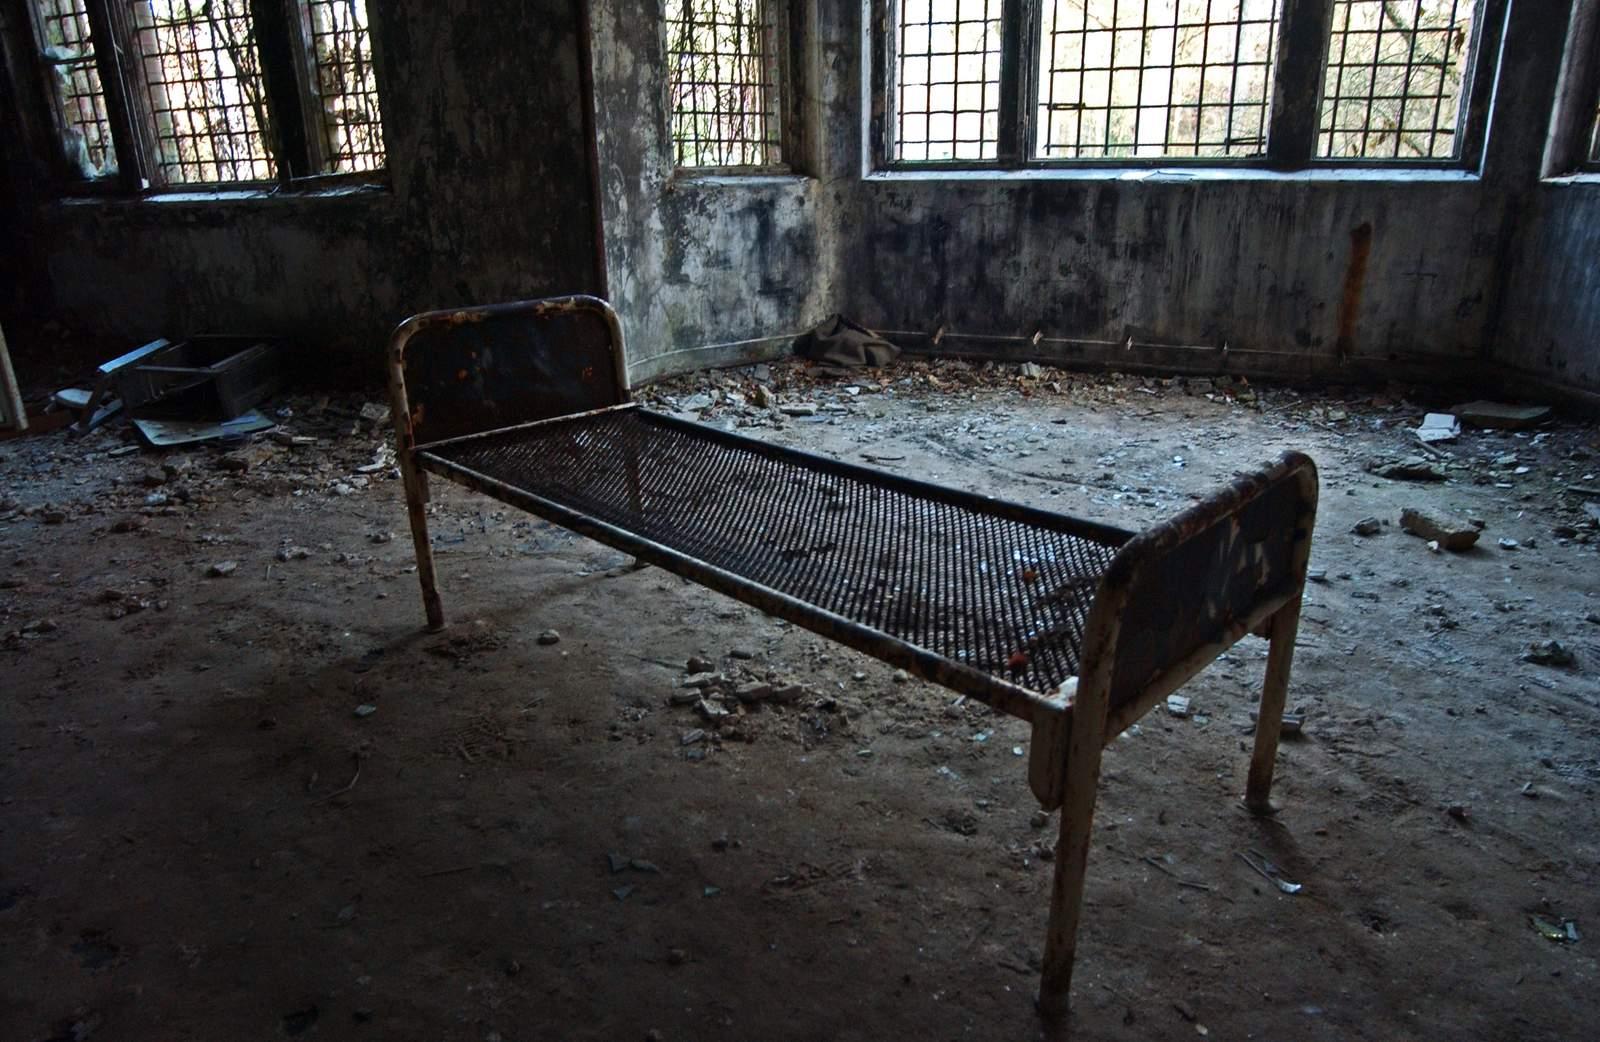 beelitz heilstatten Abandoned Beelitz Heilstatten Hospital